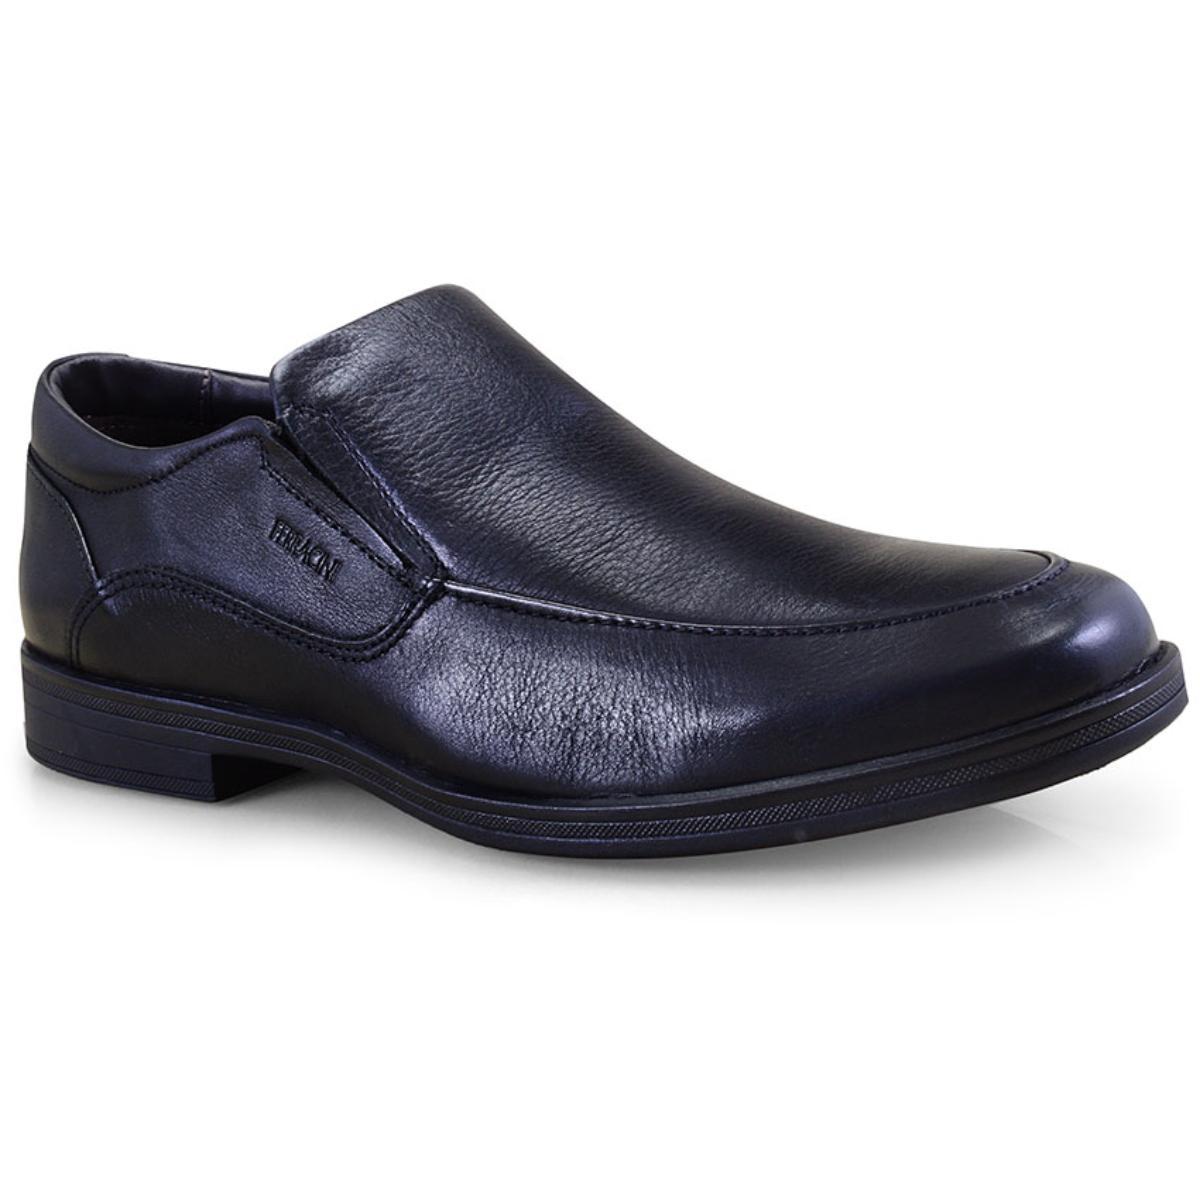 Sapato Masculino Ferracini 3551-567g Preto